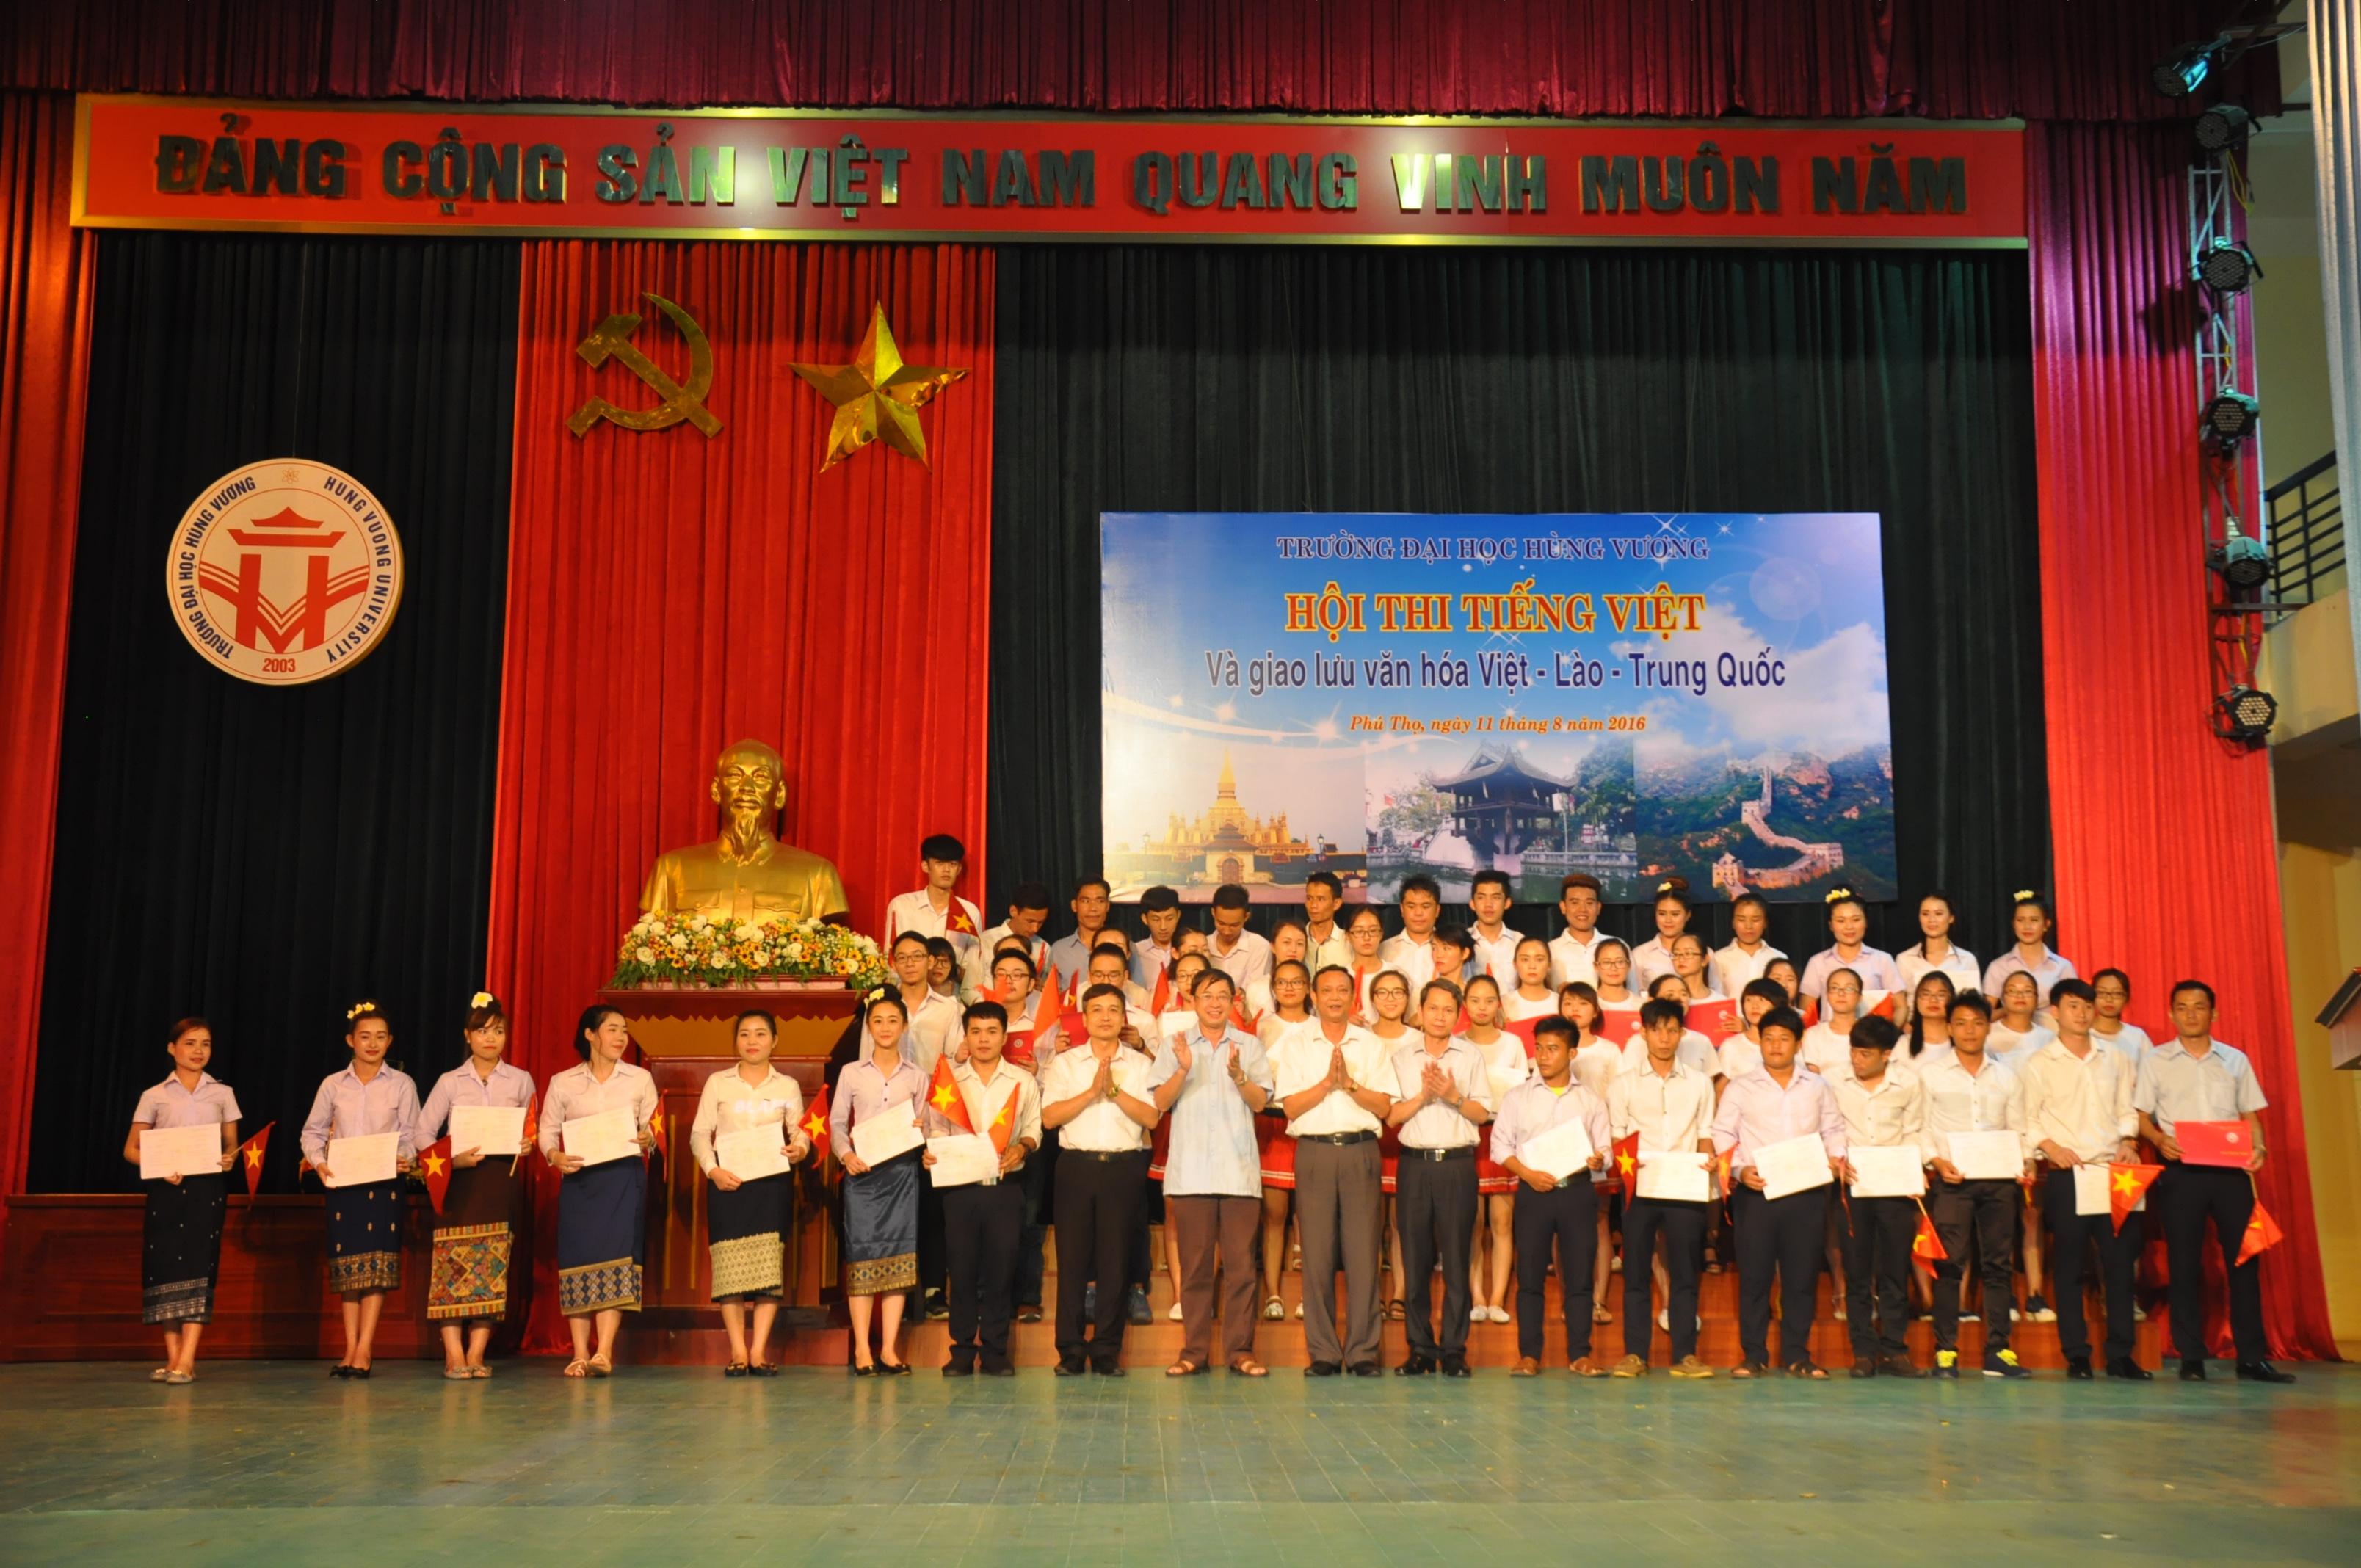 Đại học Hùng Vương tuyển sinh bổ sung đợt 1 2016